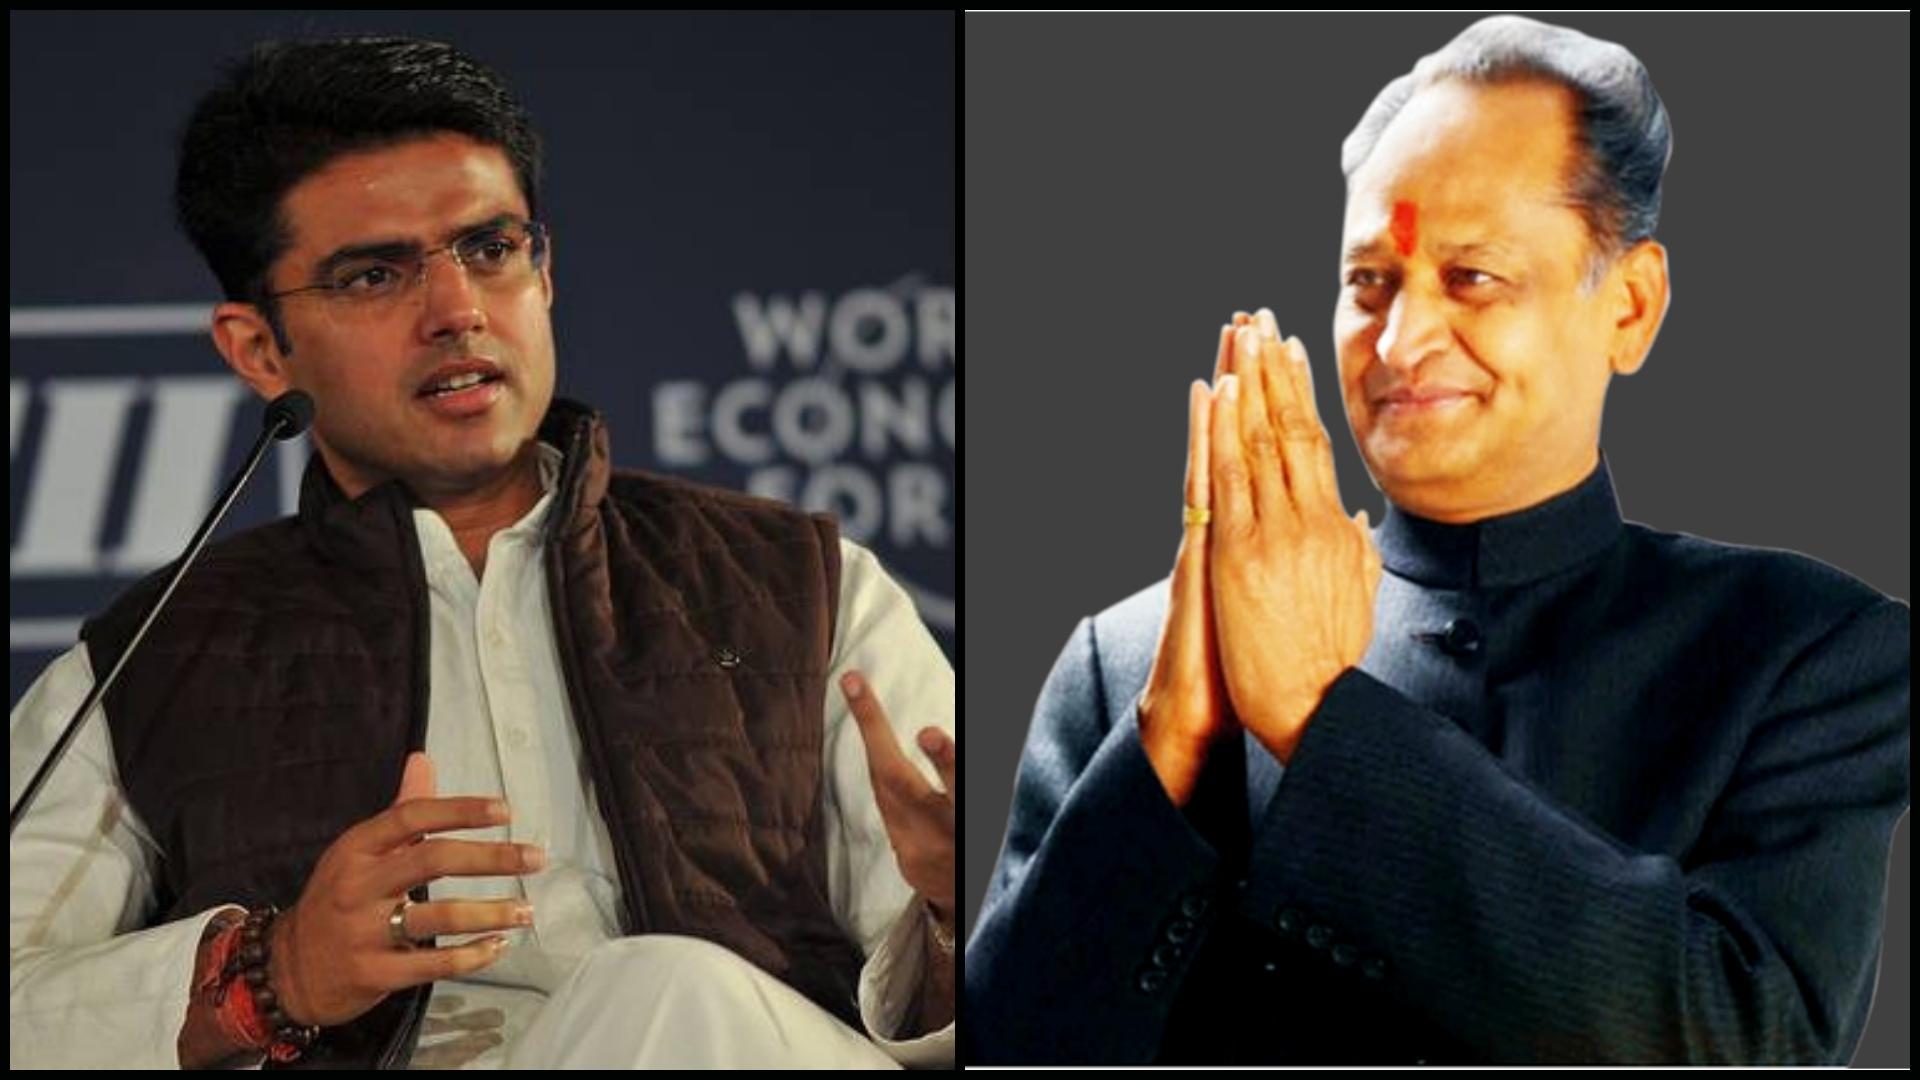 गहलोत और पायलट दोनों लड़ेंगे चुनाव लेकिन कौन होगा CM कैंडिडेट?